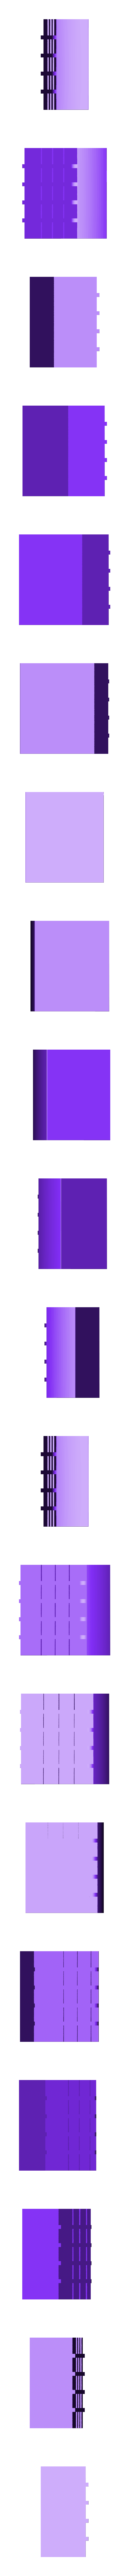 Body-Left-Half-Main.stl Télécharger fichier STL gratuit Planète Express 3030 • Objet à imprimer en 3D, Piggie